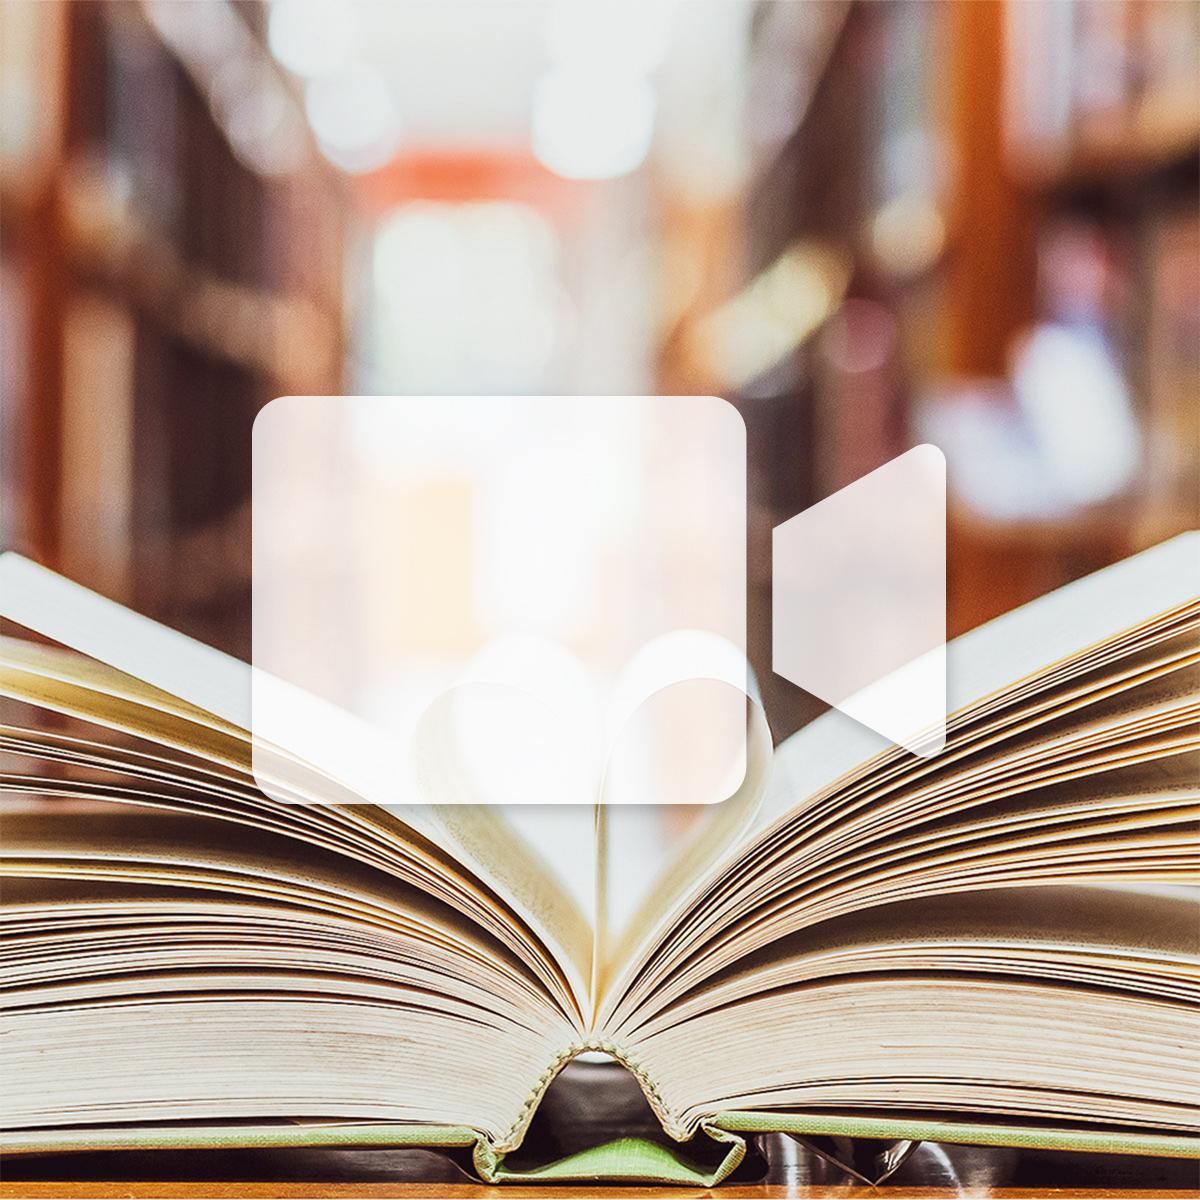 En ligne - Club de lecture - Séance du 2 octobre